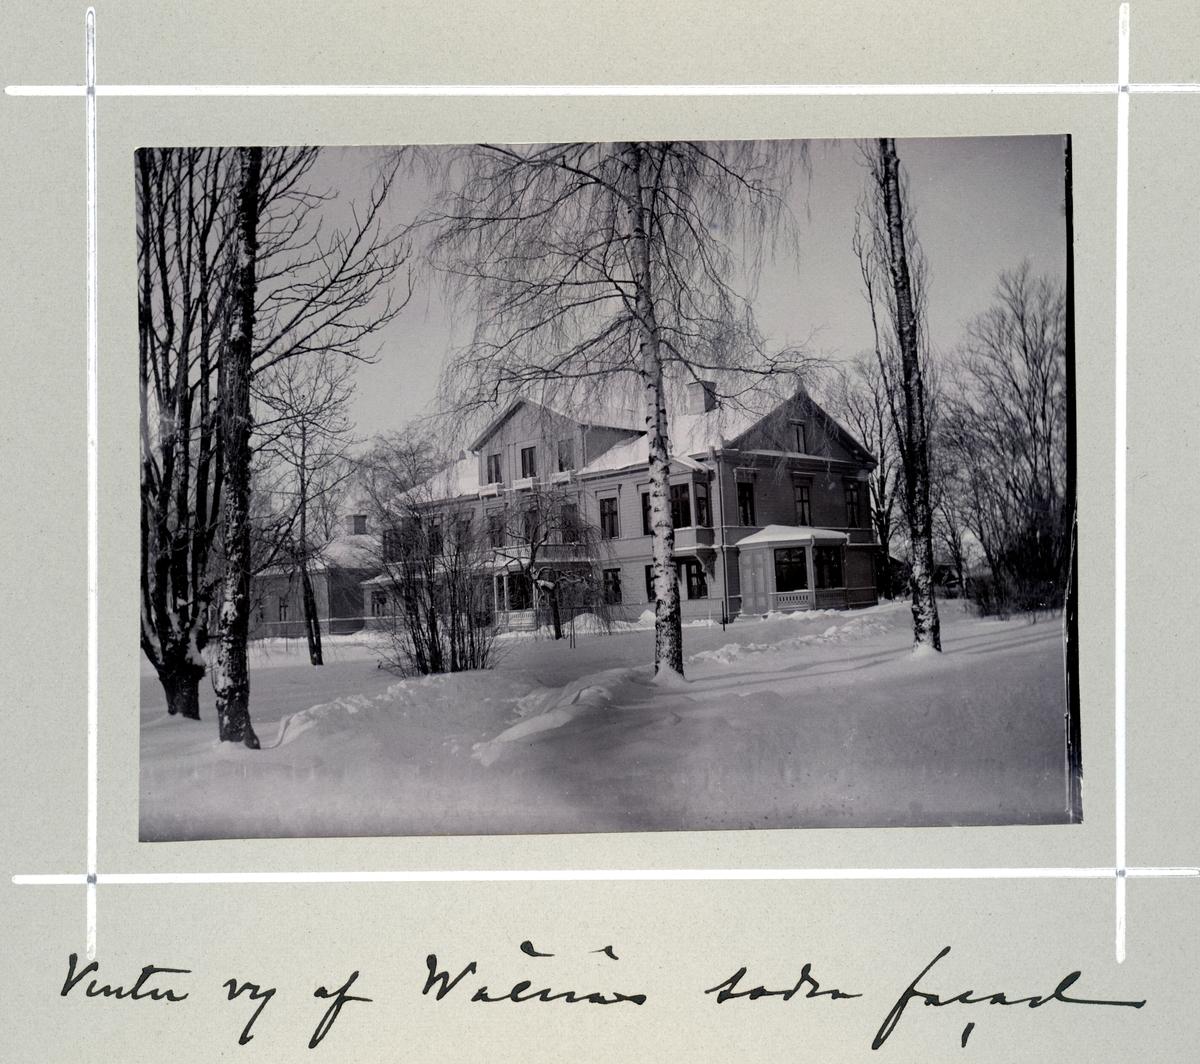 Bildserie tagen av August Malmborg (1875-1895), son till landshövding Adolf Malmborg, ägare till Våxnäs herrgård, och hans maka Julia, född Åkerhielm. Bilderna är tagna från tidigt 1890-tal fram till 1895 med bildtexten skriven av modern: Vintervy af Wåxnäs södra facad.